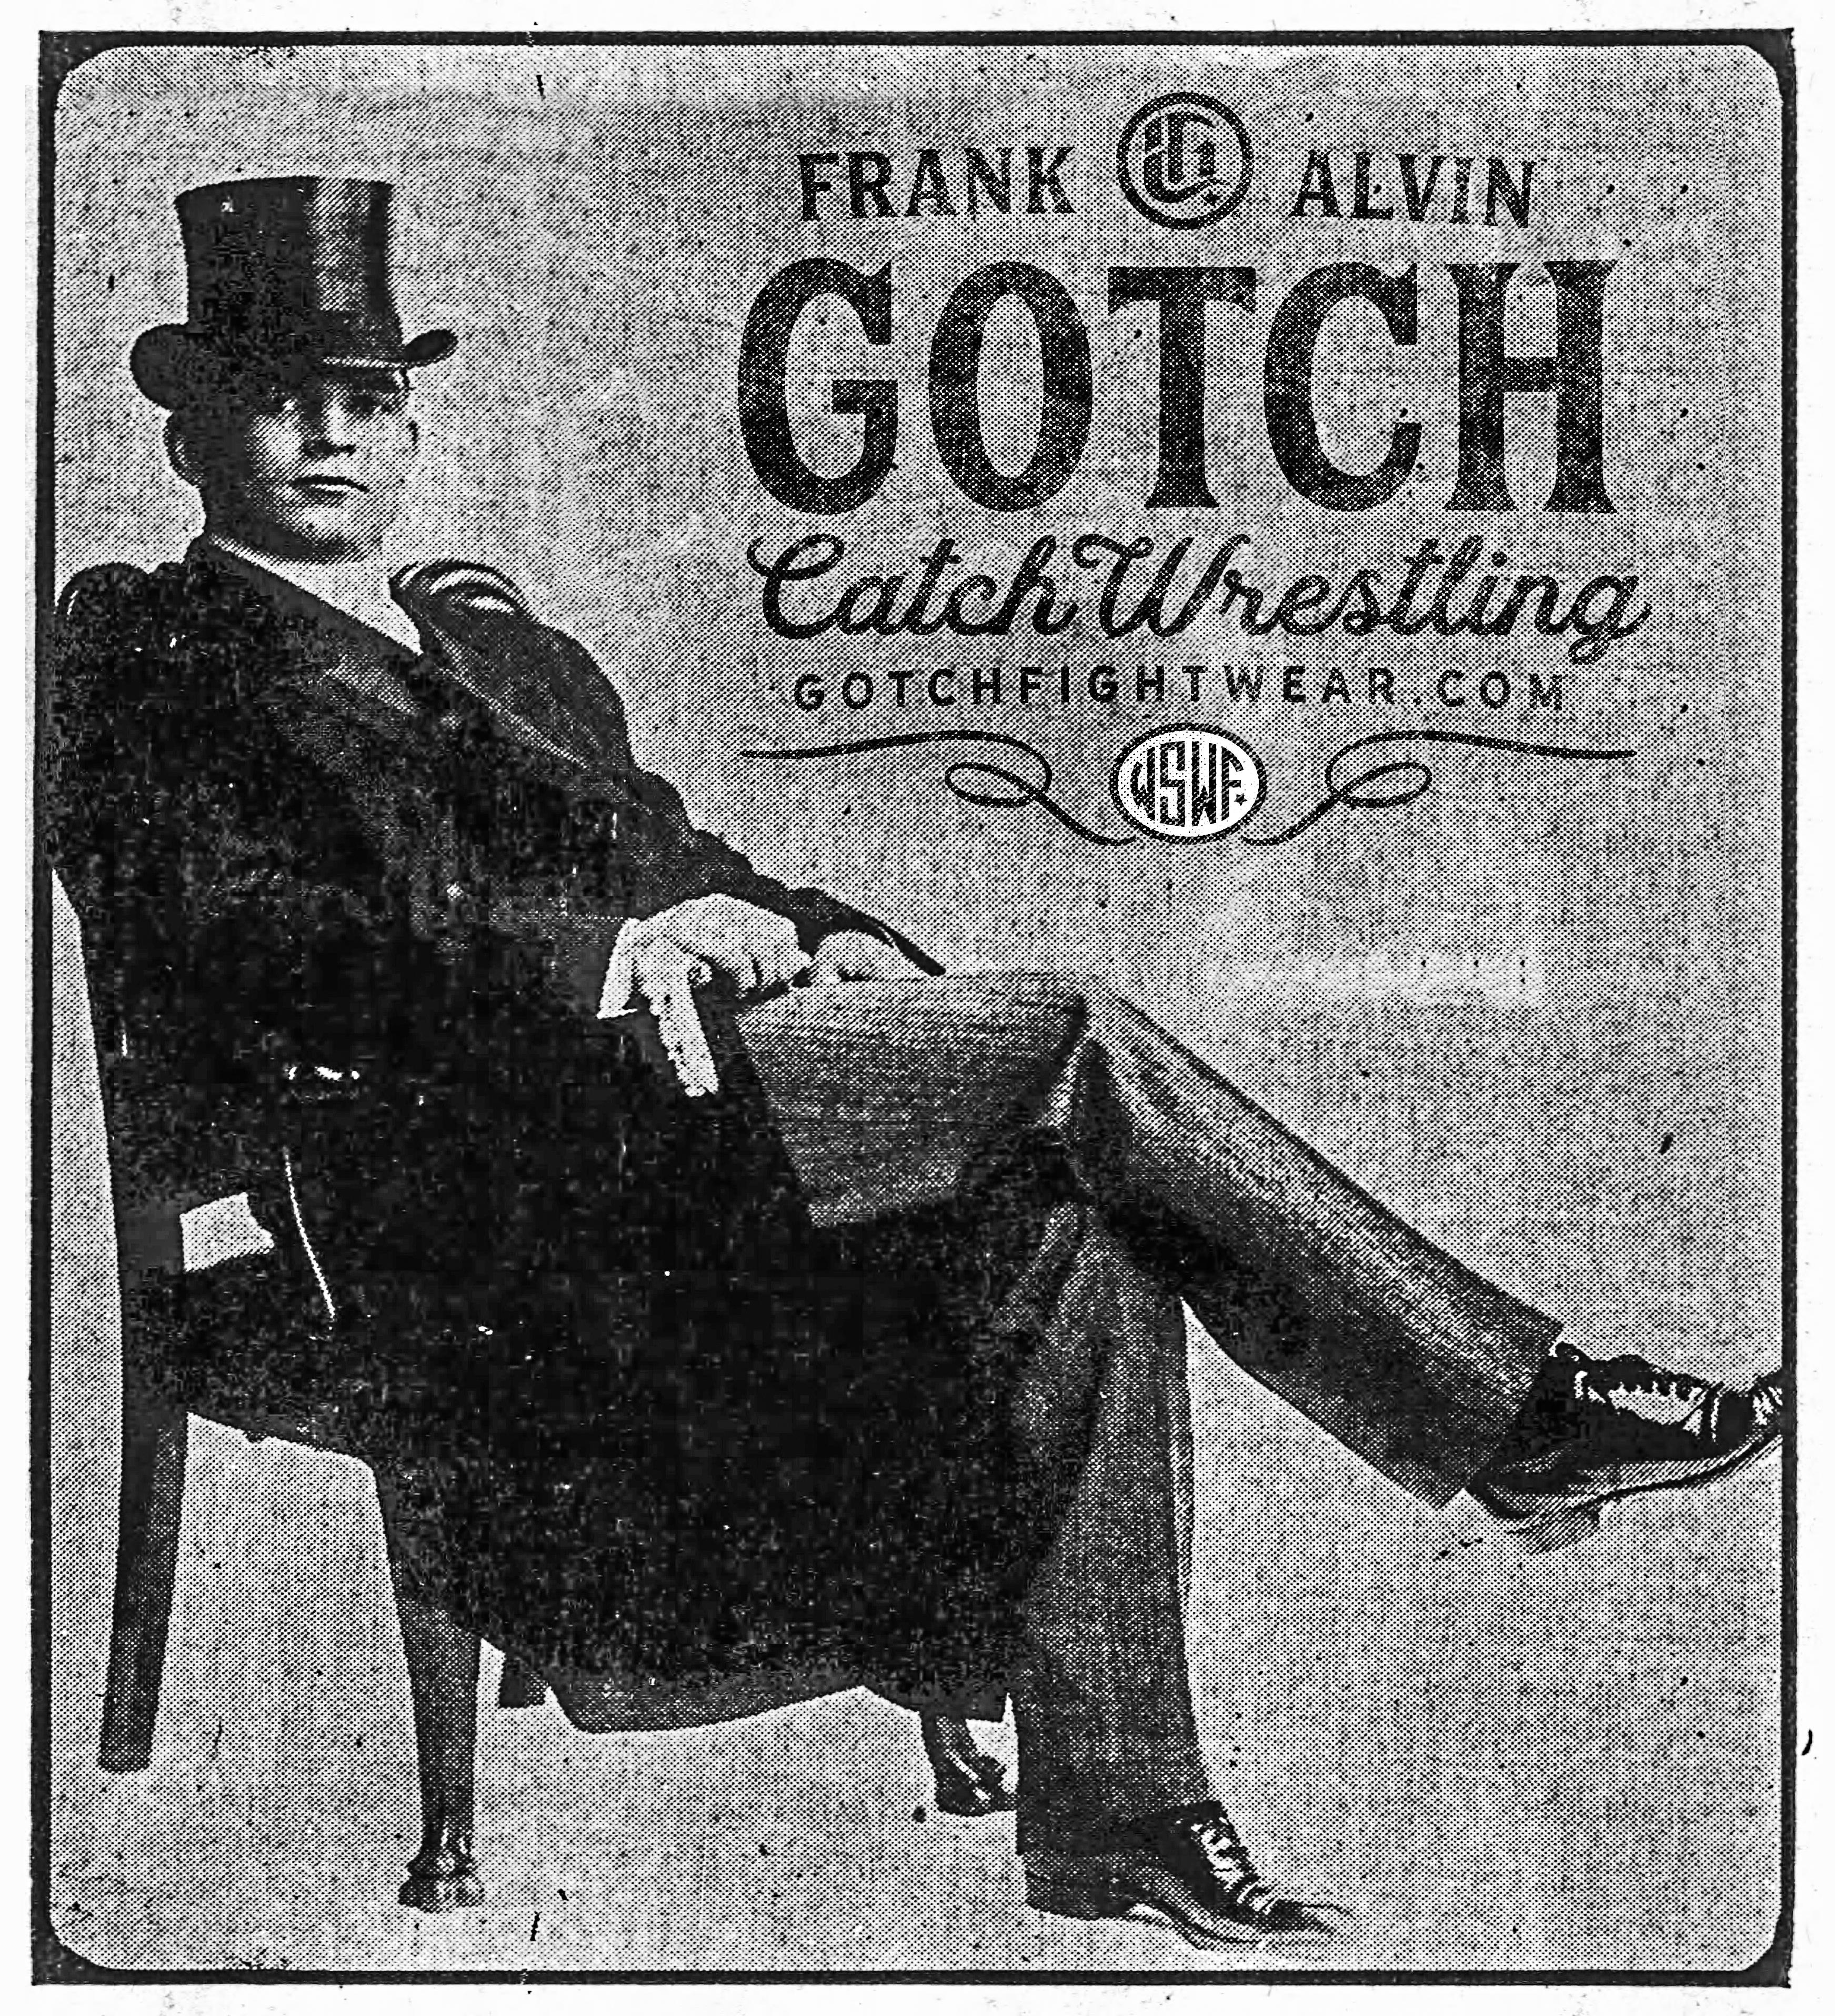 Frank Gotch Poster